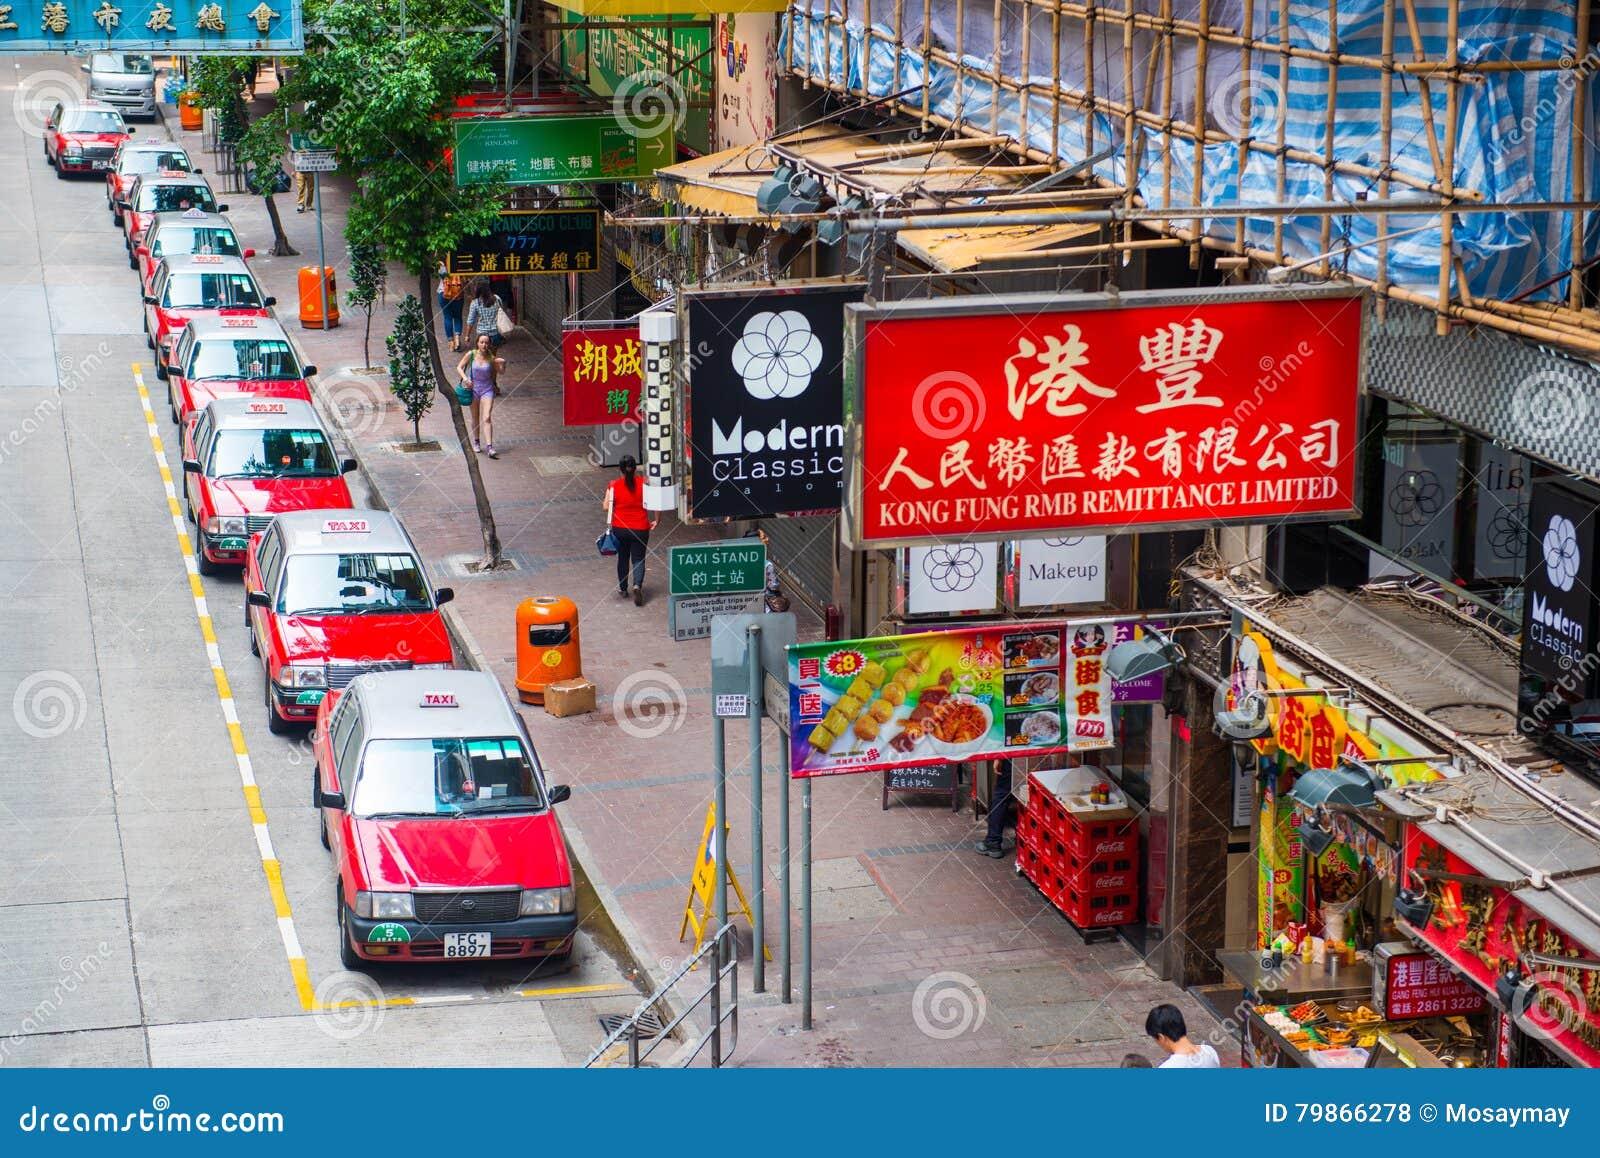 Hong Kong - September 22, 2016 :Red taxi on the road, Hong Kong